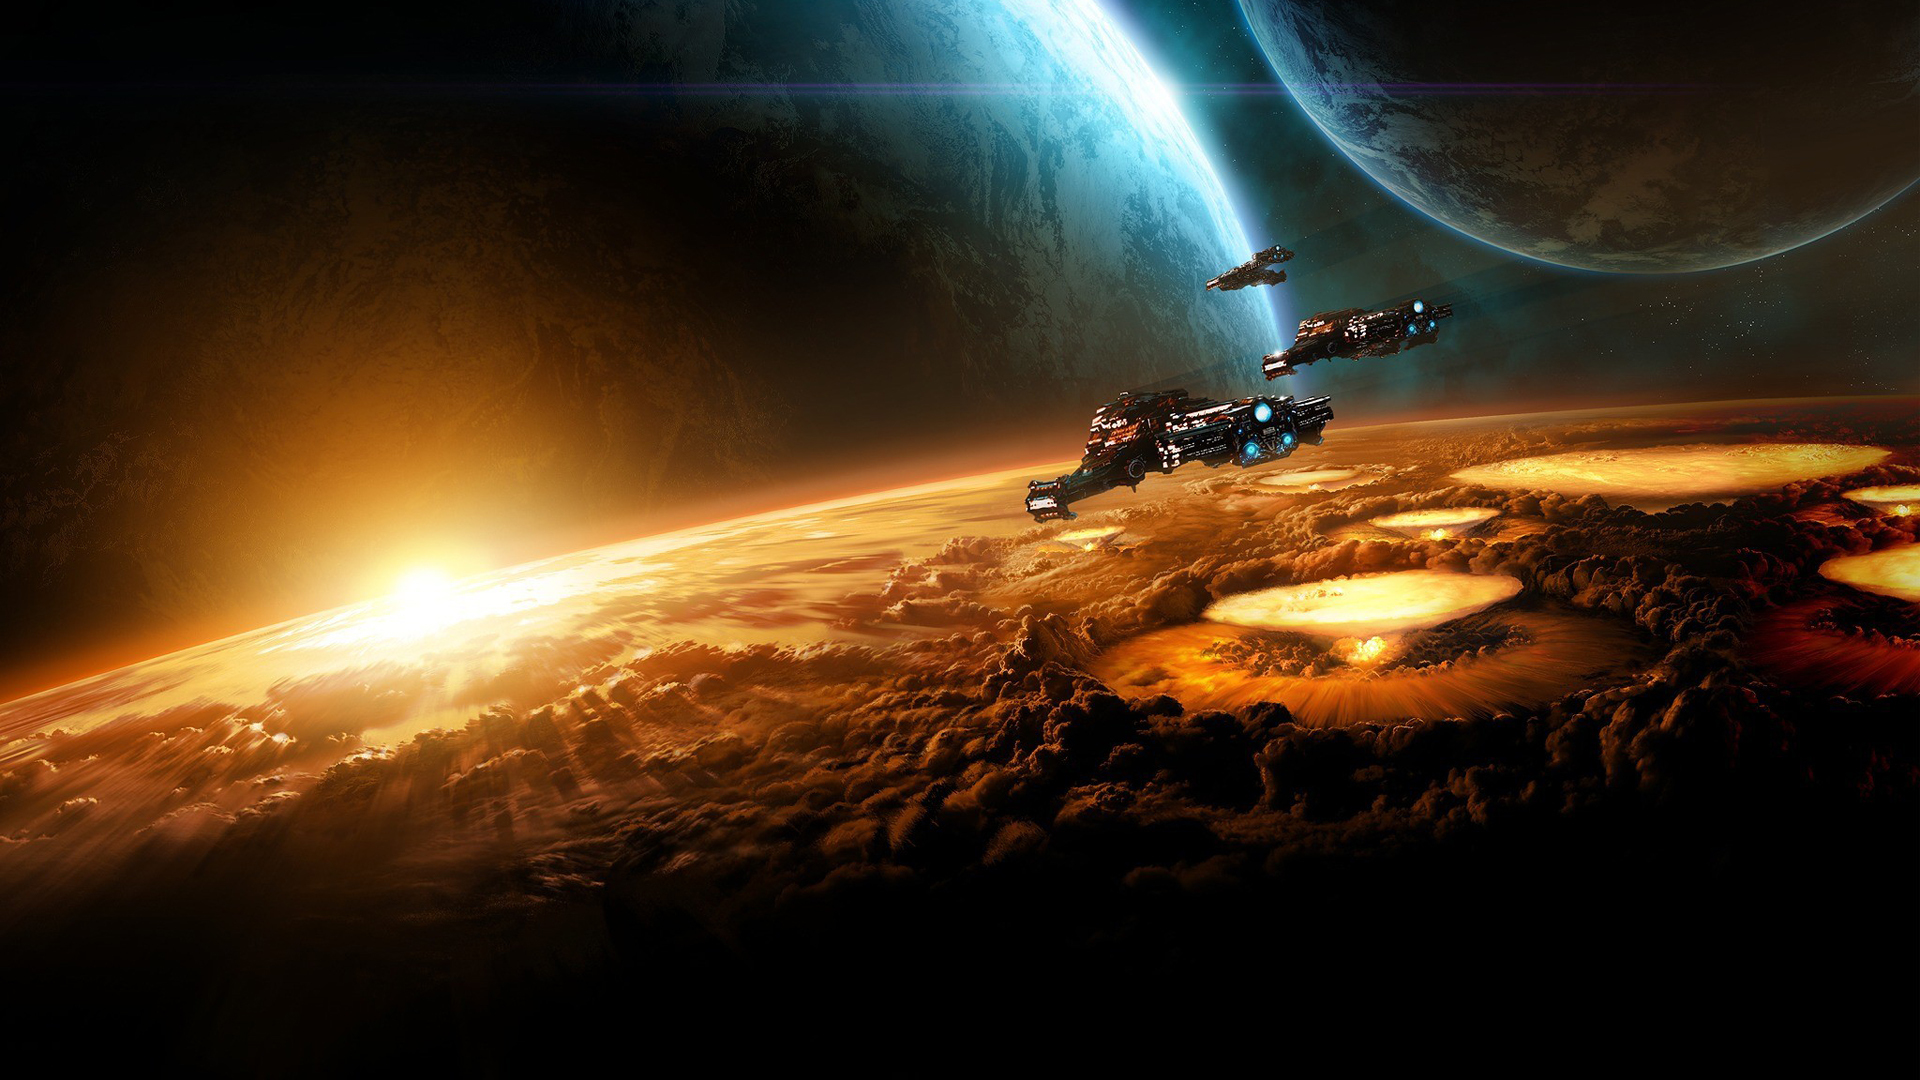 Обои Космические корабли, планеты, взрывы, кратеры